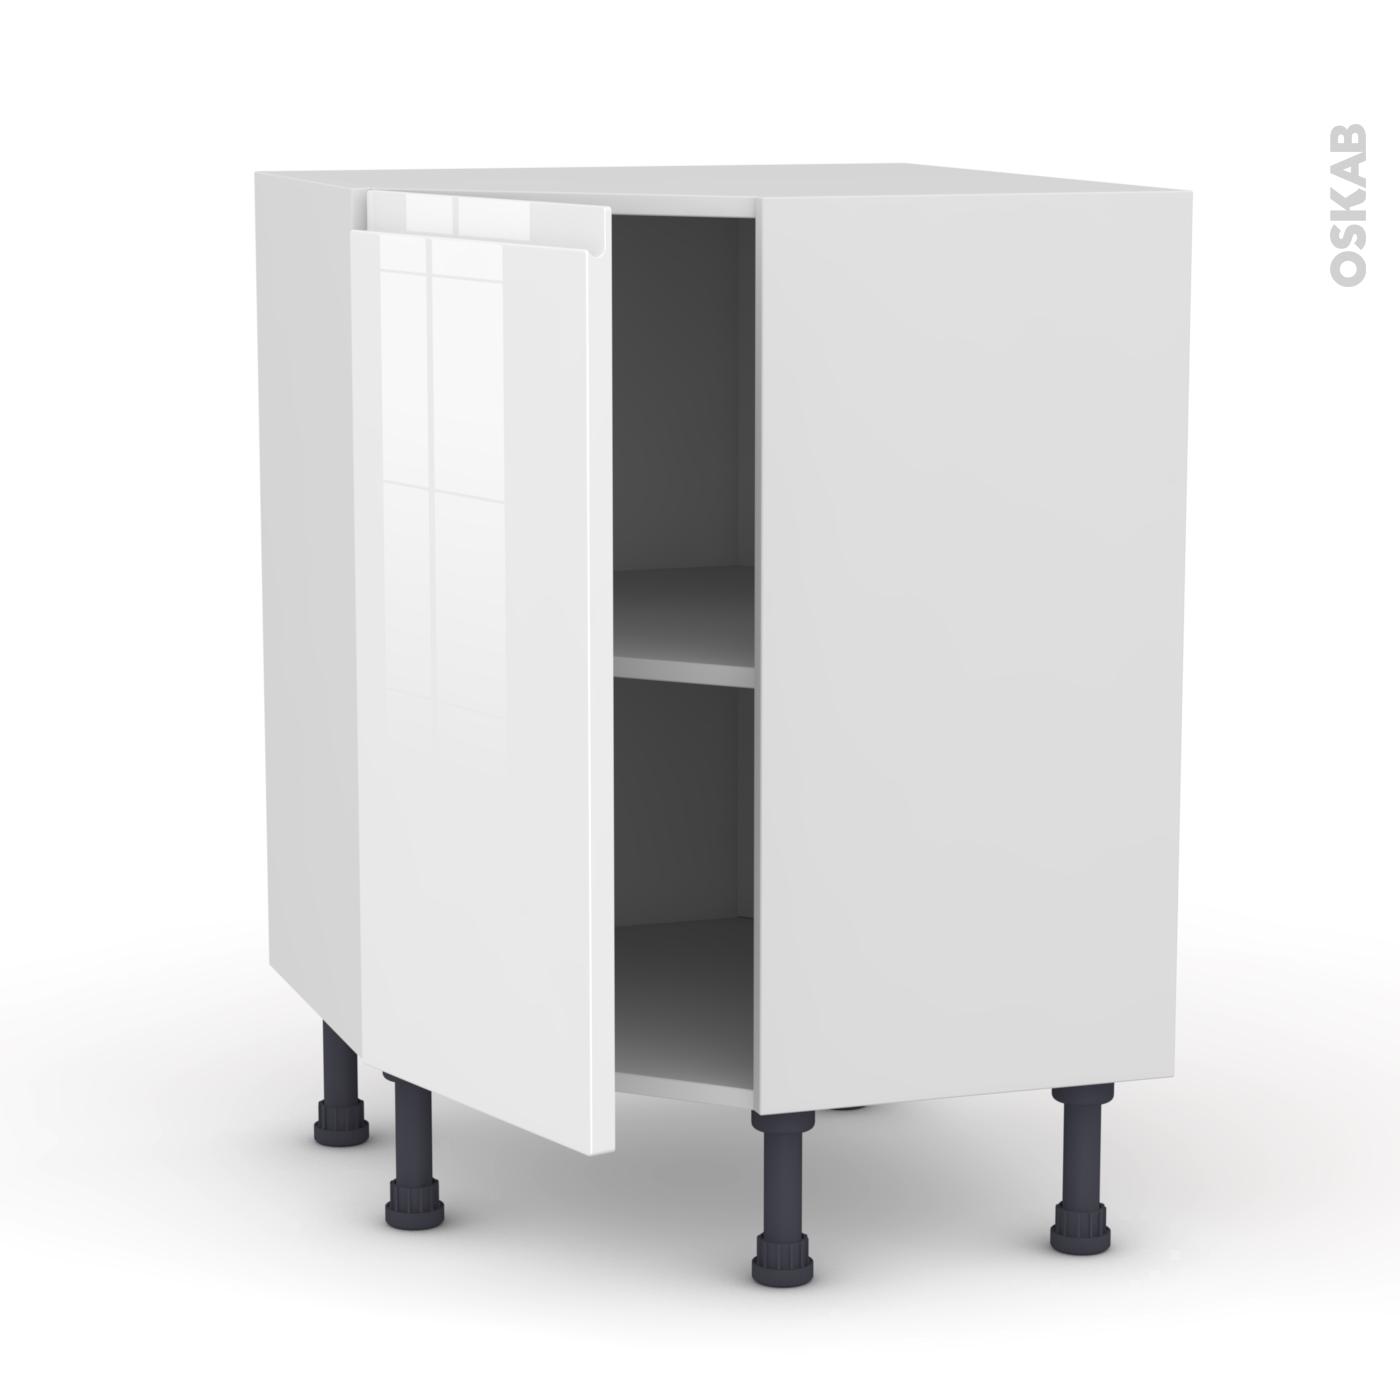 Oskab cuisine 3d d eggo with oskab cuisine 3d cuisine d for Oskab cuisine 3d